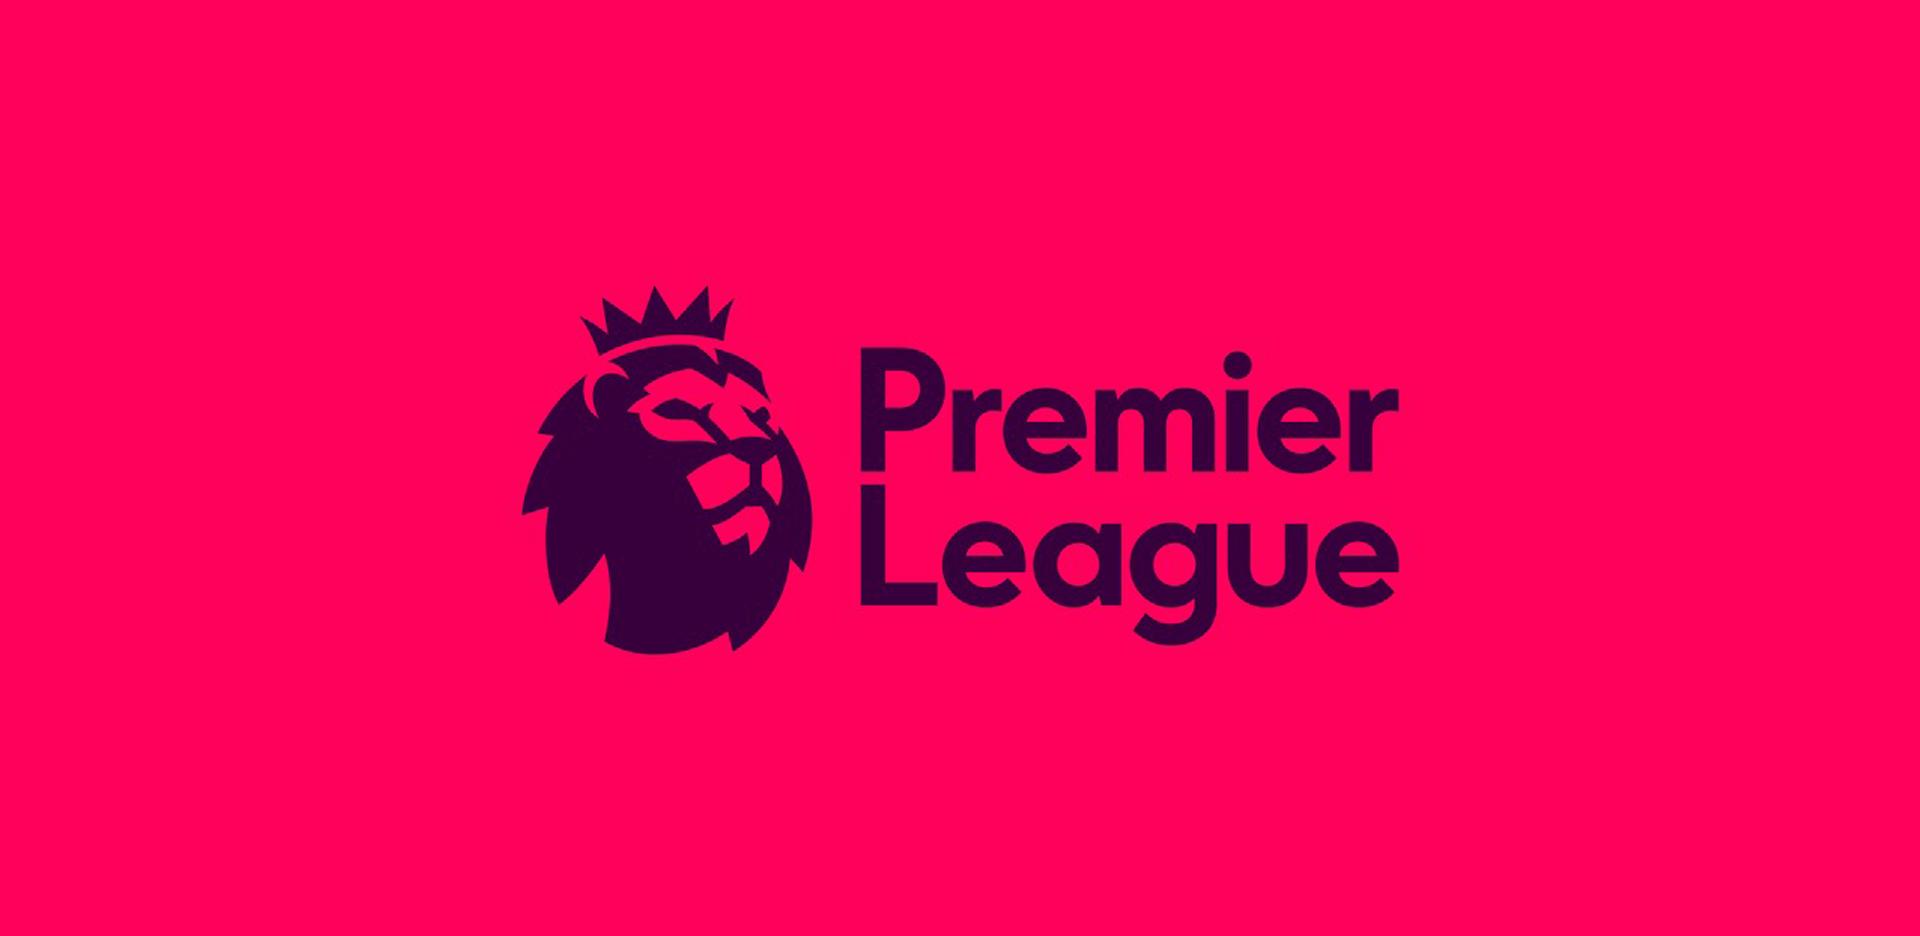 Premier League Font - Official Typeface of English Premier League